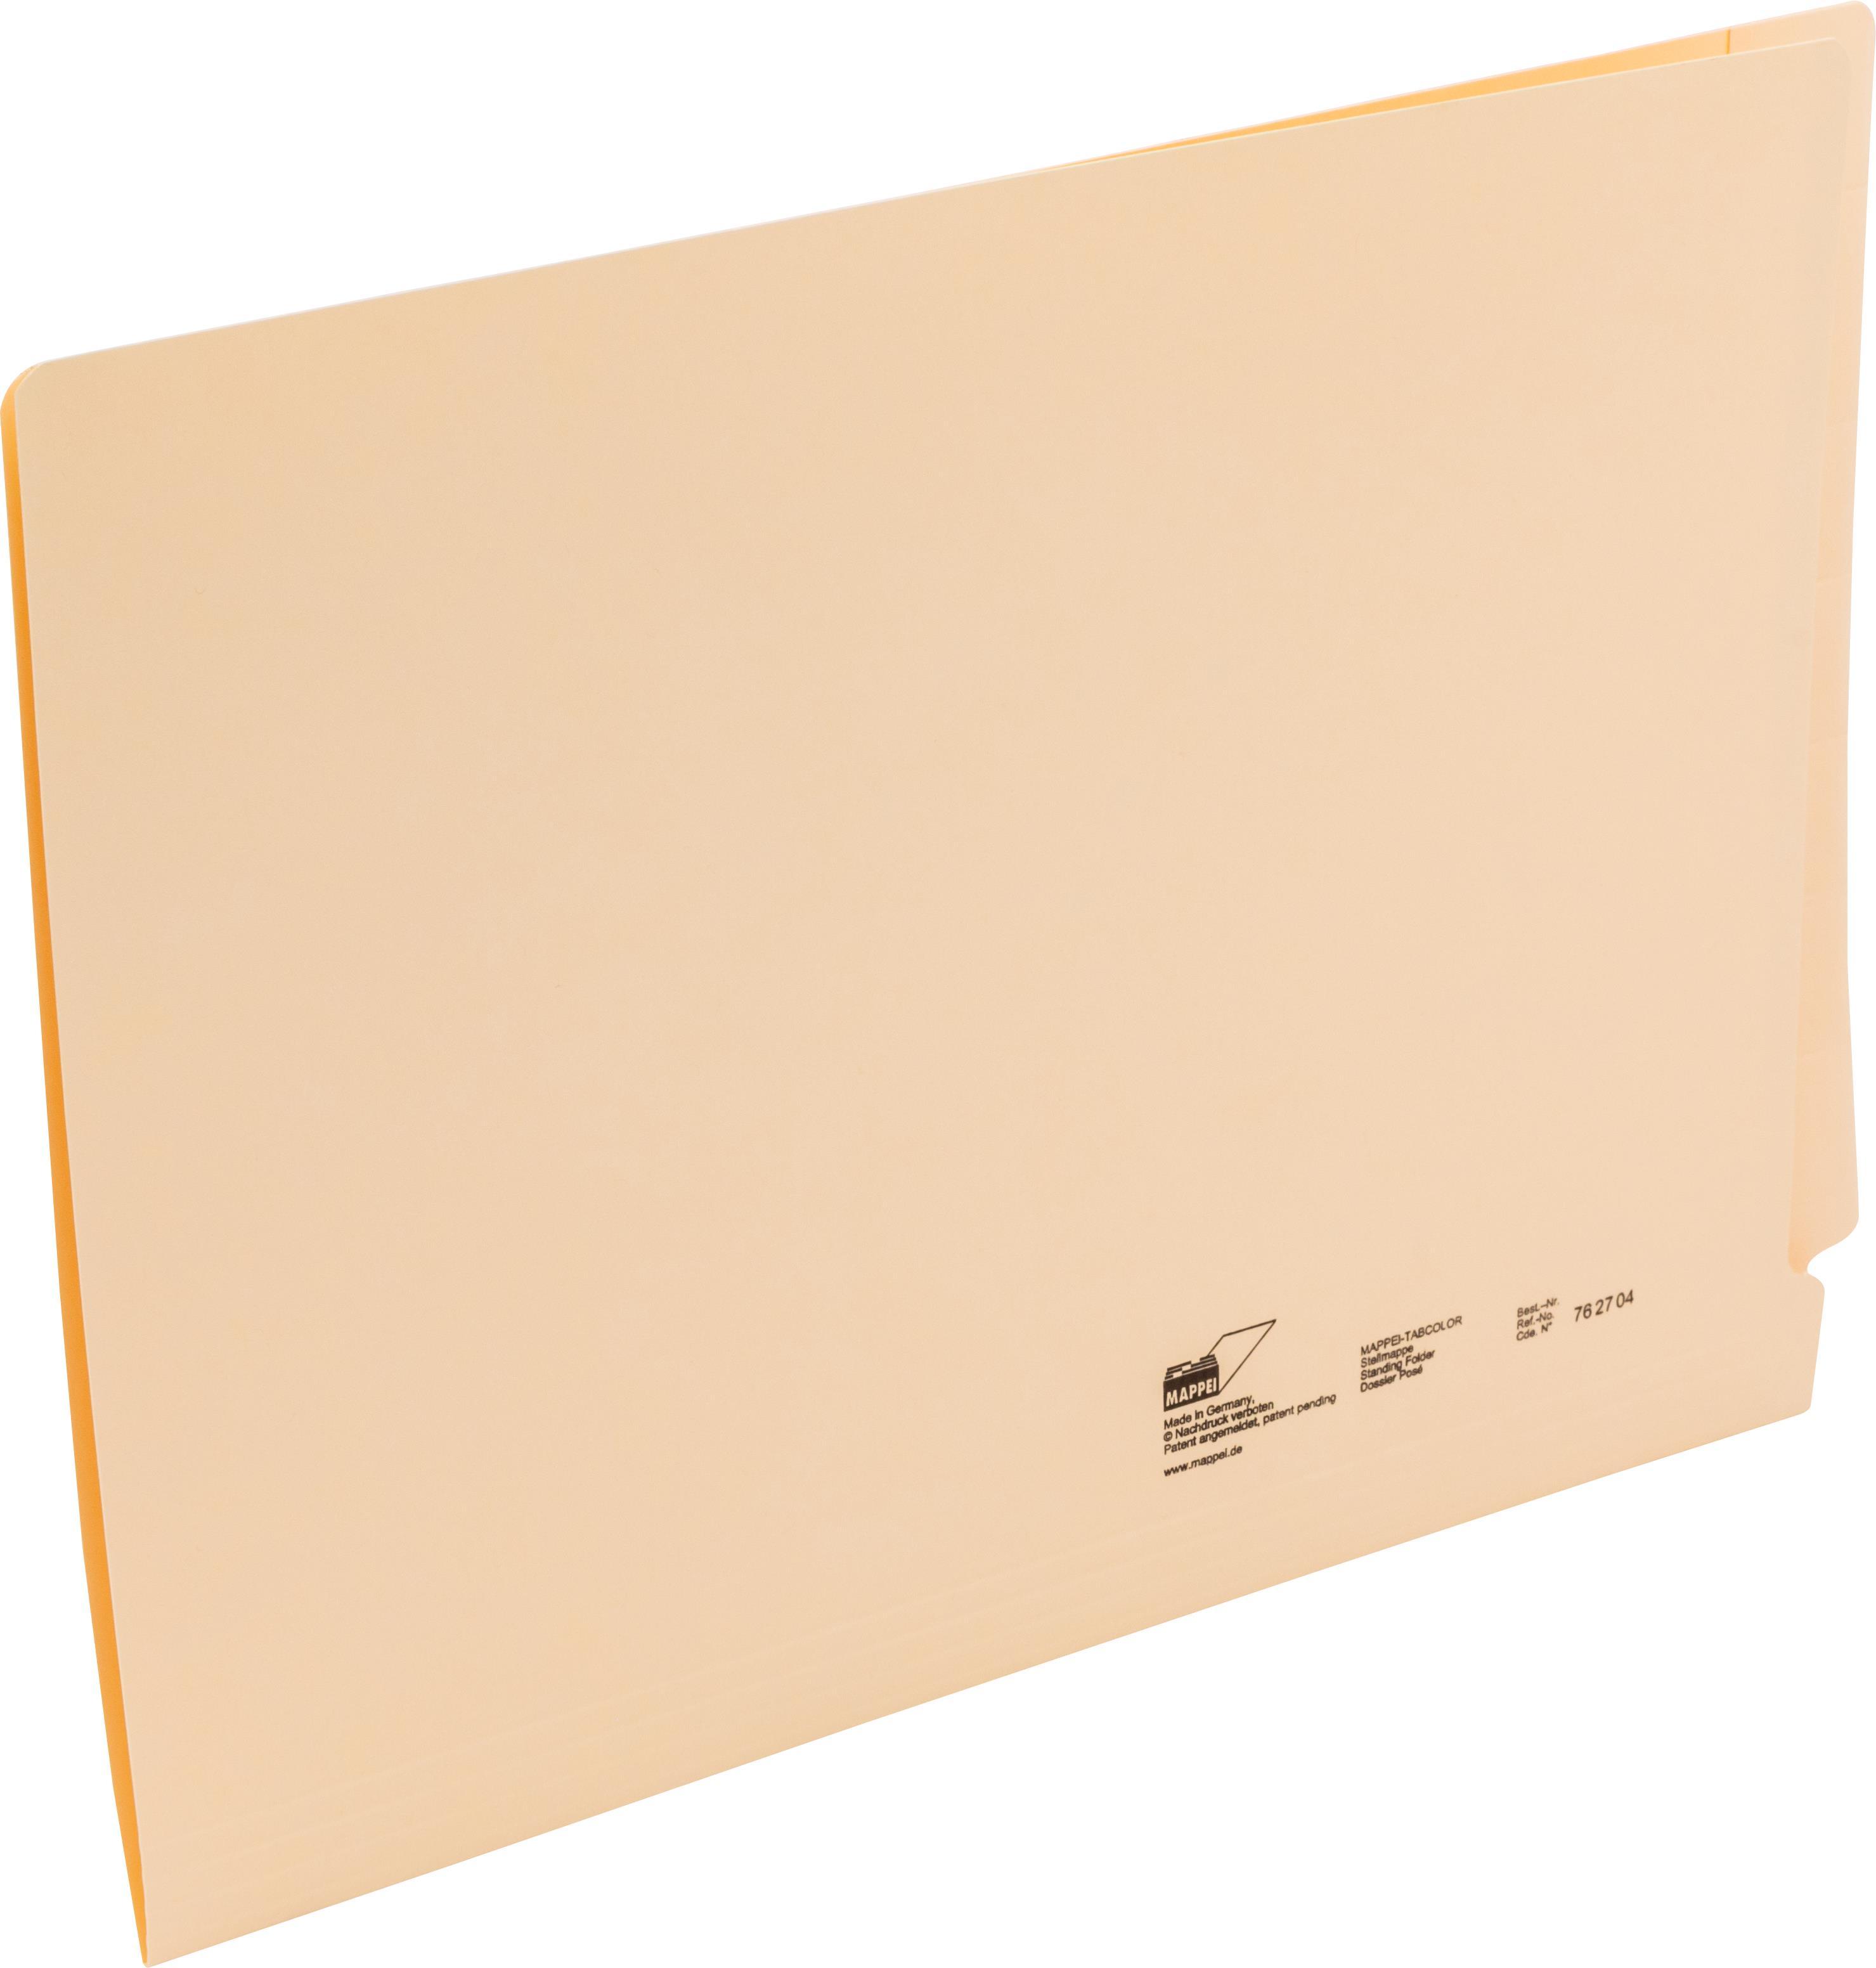 TABCOLOR-Stellmappe f. A4, Zellstoffkarton 350 g/qm